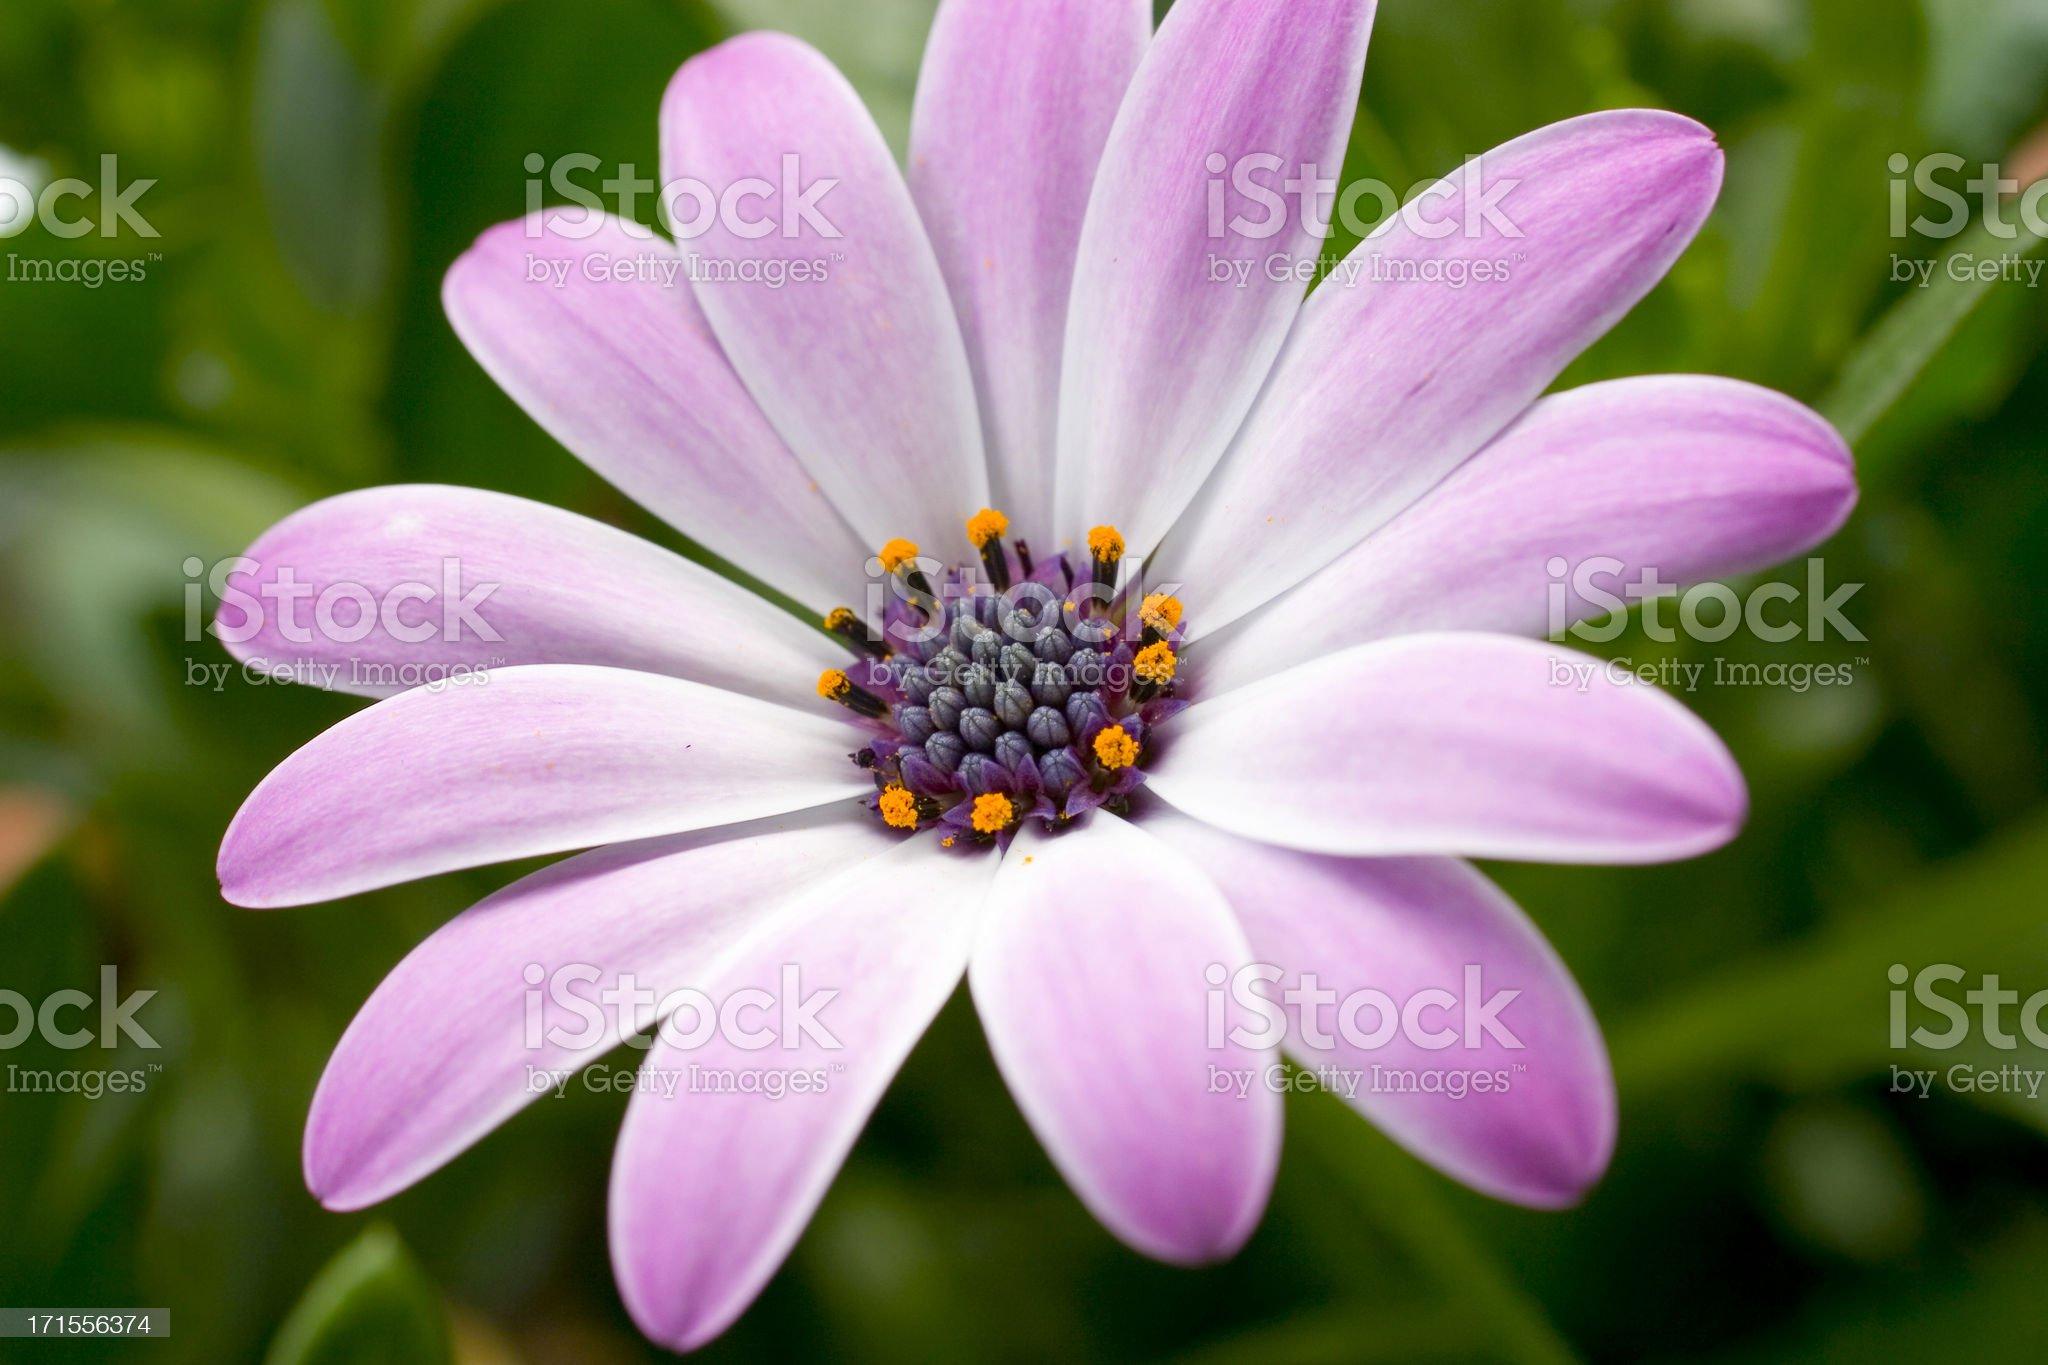 Blossom royalty-free stock photo